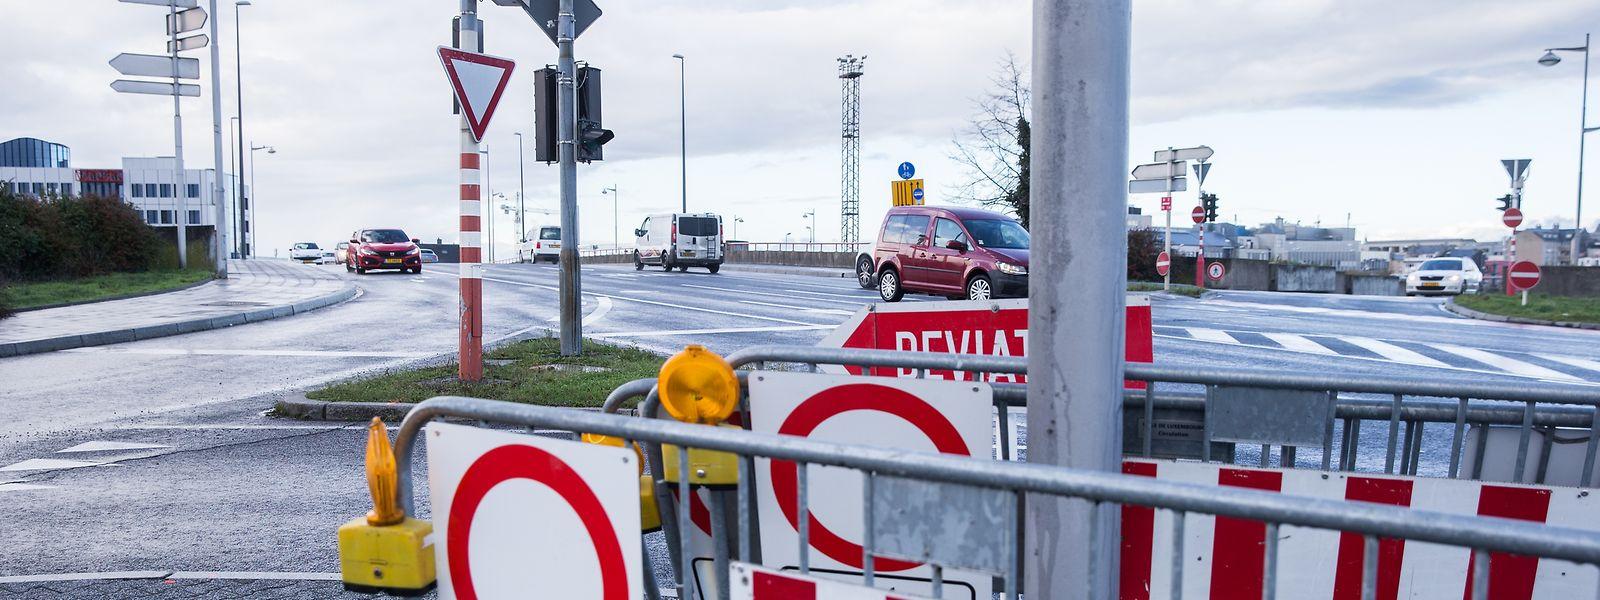 Auch auf dem Pont Buchler wird es für die Verkehrsteilnehmer zu einigen Änderungen kommen.